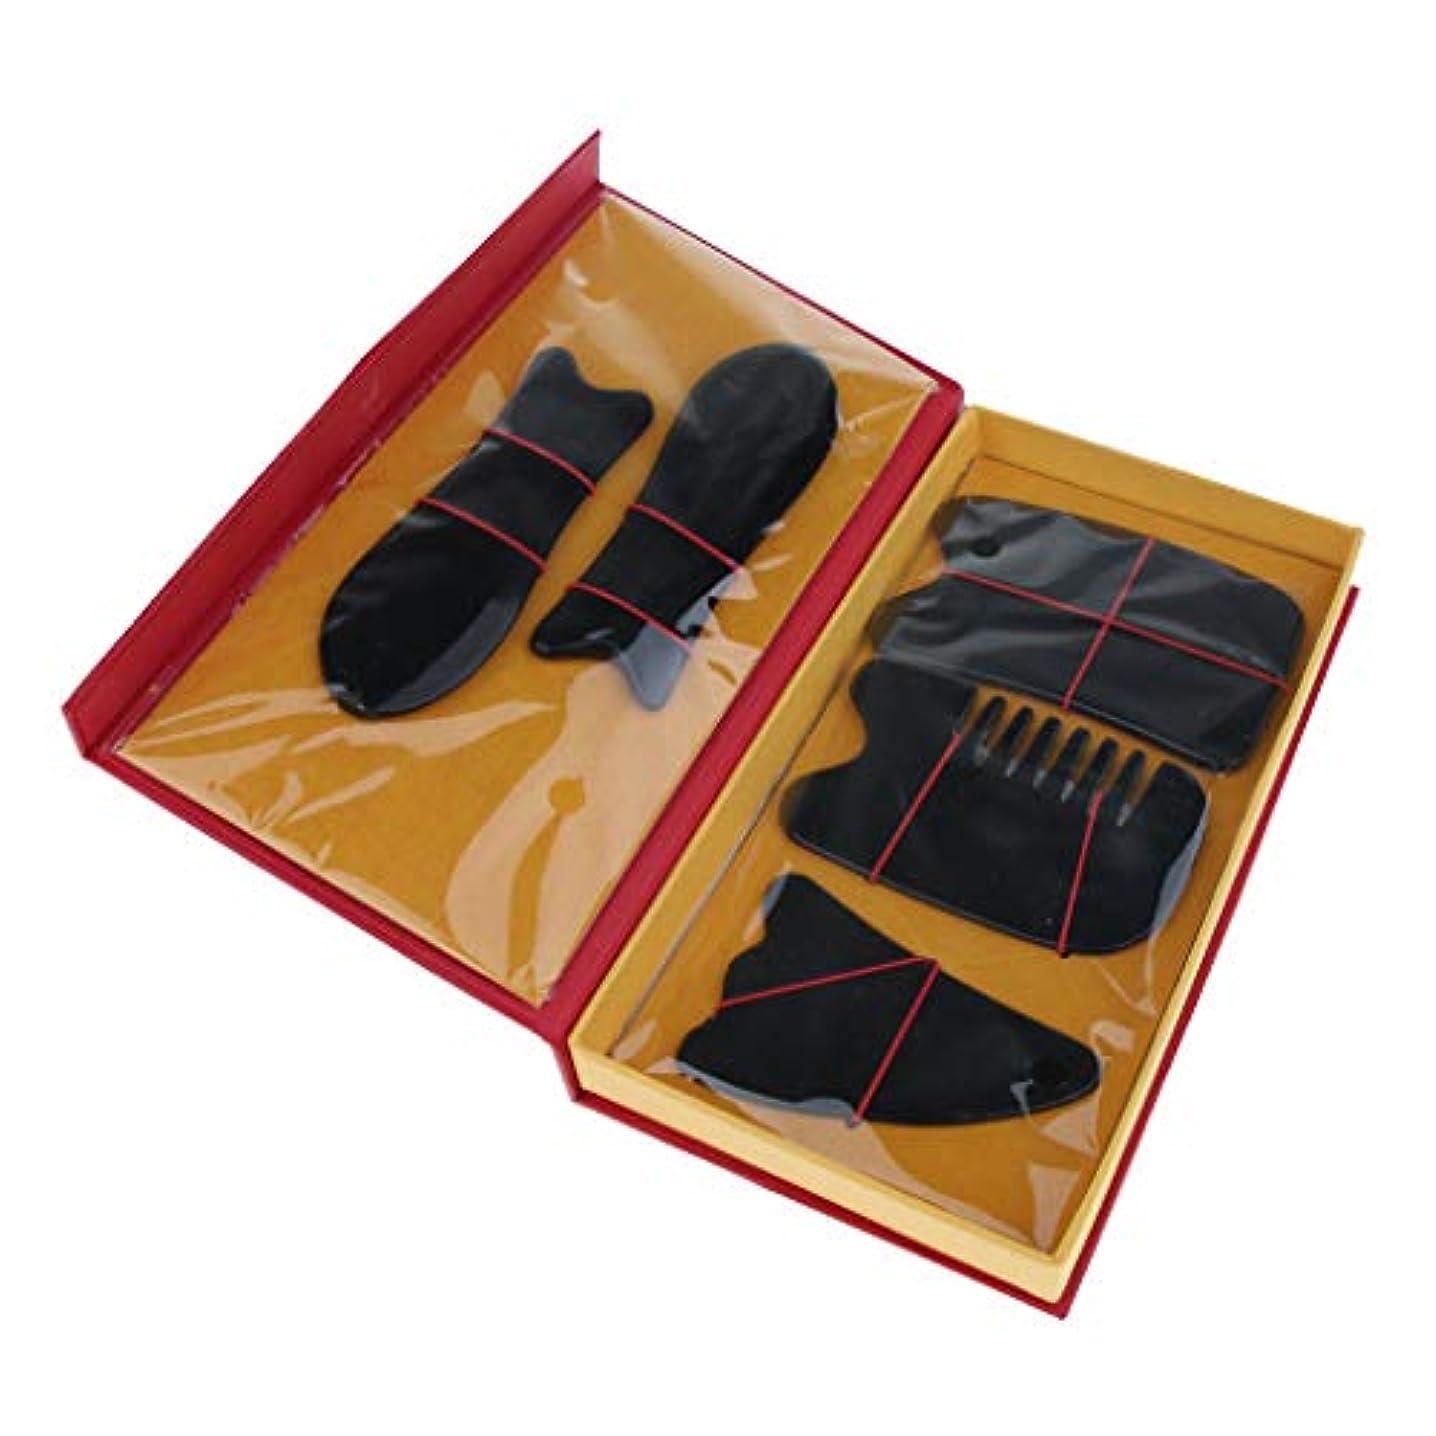 性差別カーペット名義で5本セット マッサージボード スクレイピングマッサージ スクレーパーツール 2色選べ - ブラック